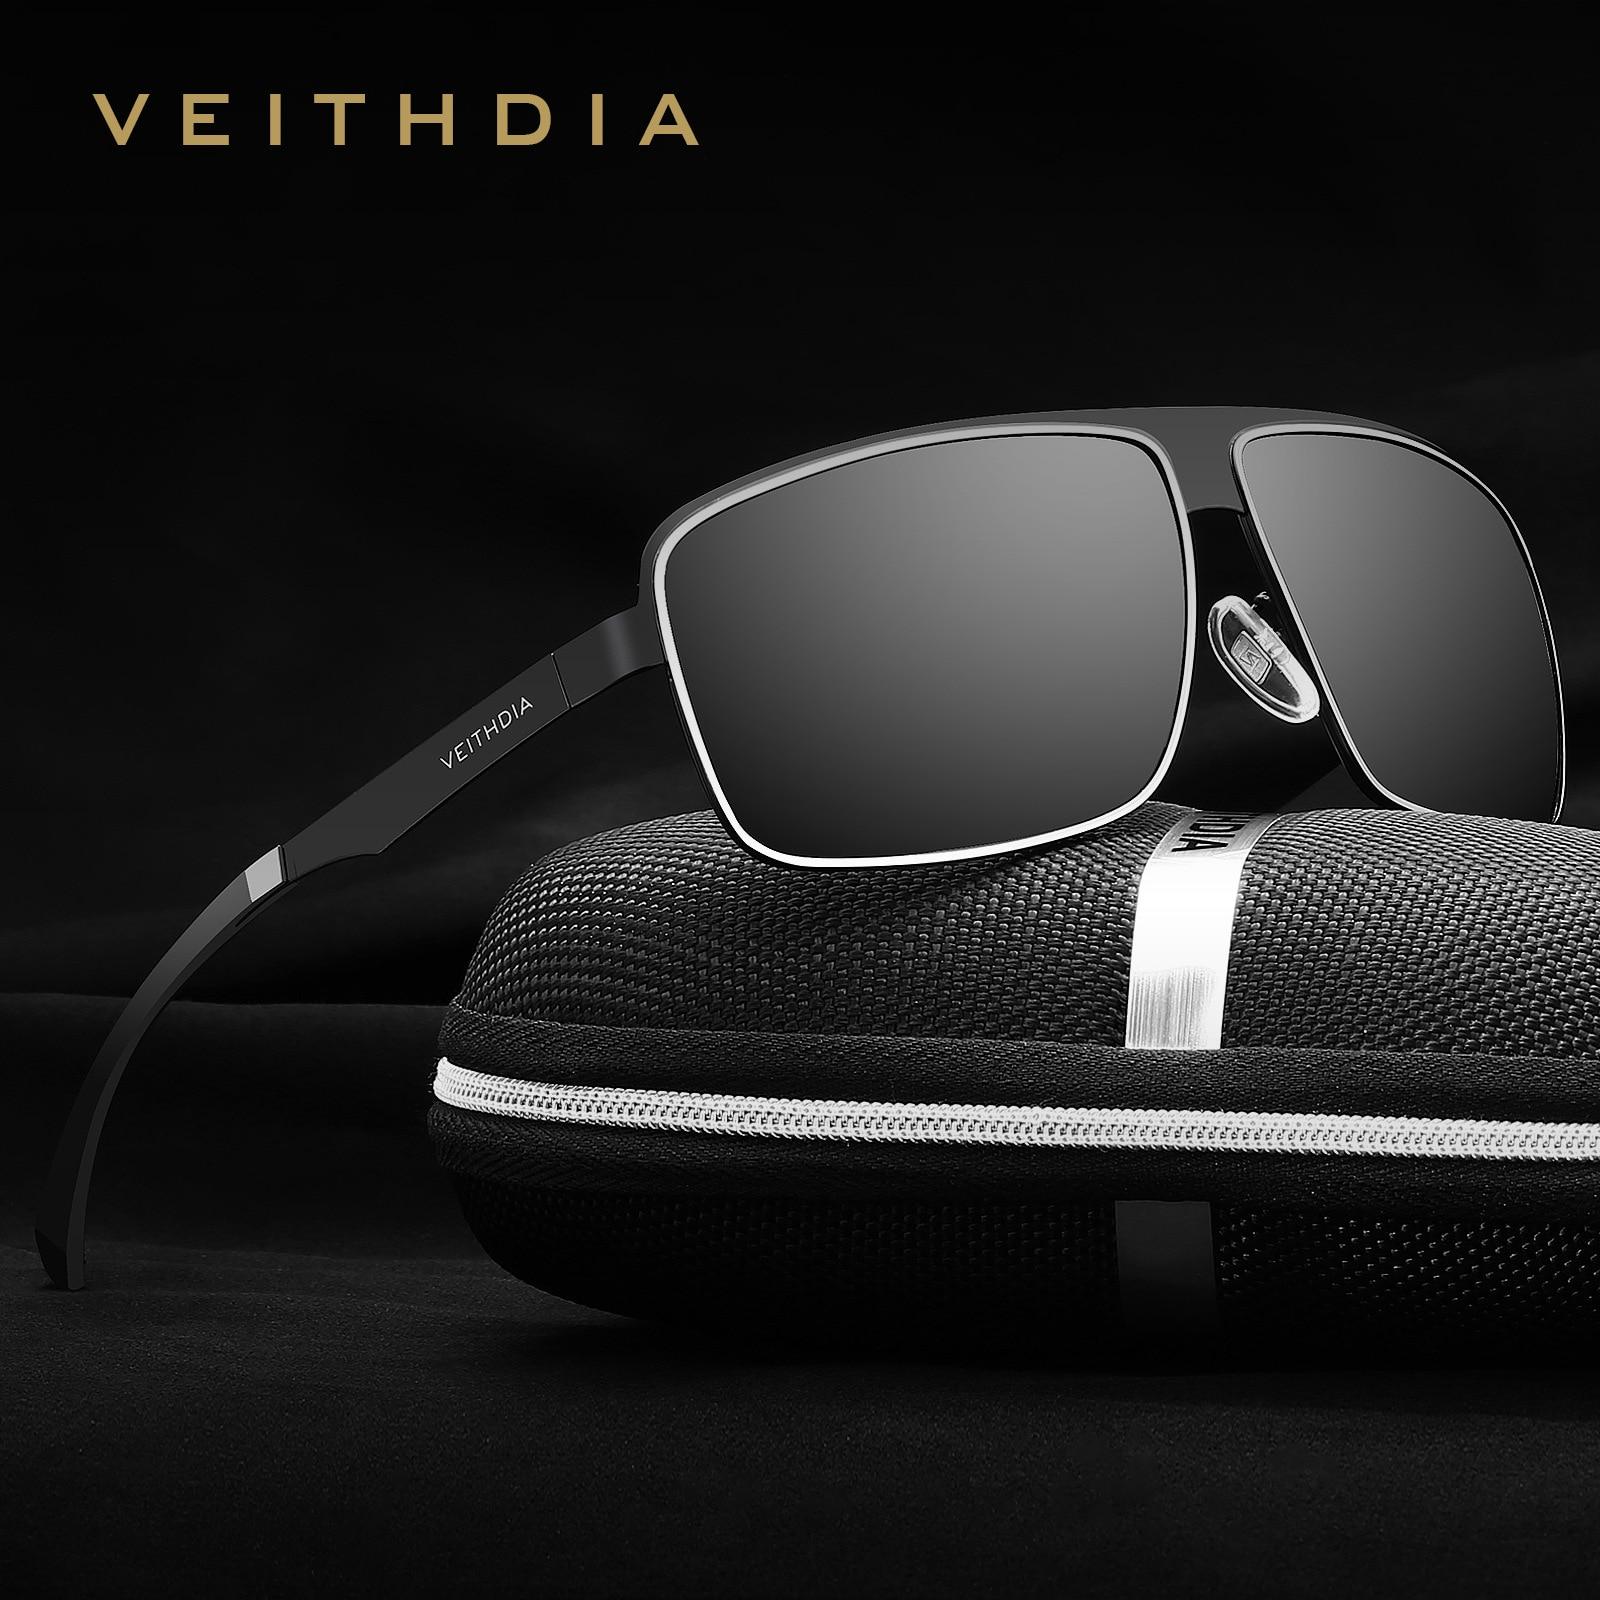 VEITHDIA Stainless Steel Top Aluminum Magnesium Polarized UV400 Men's Square Vintage Sun Glasses Male Eyewear Sunglasses For Men